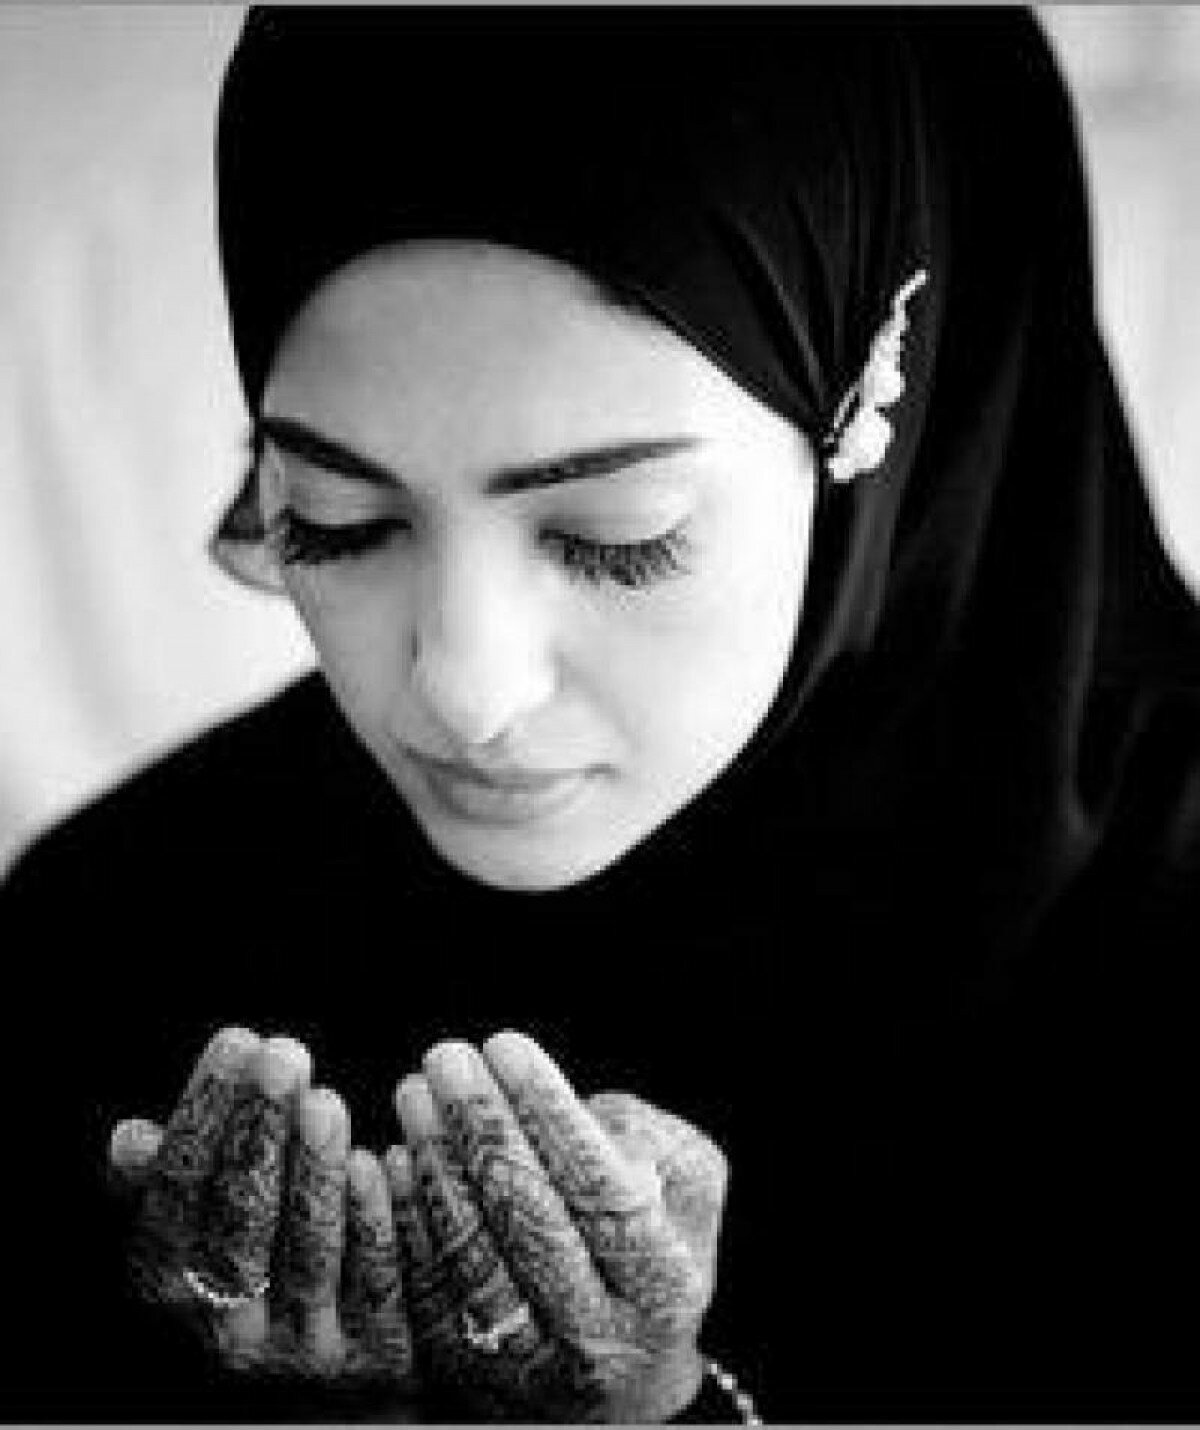 Картинки красивых мусульманок с надписями, дню свадьбы